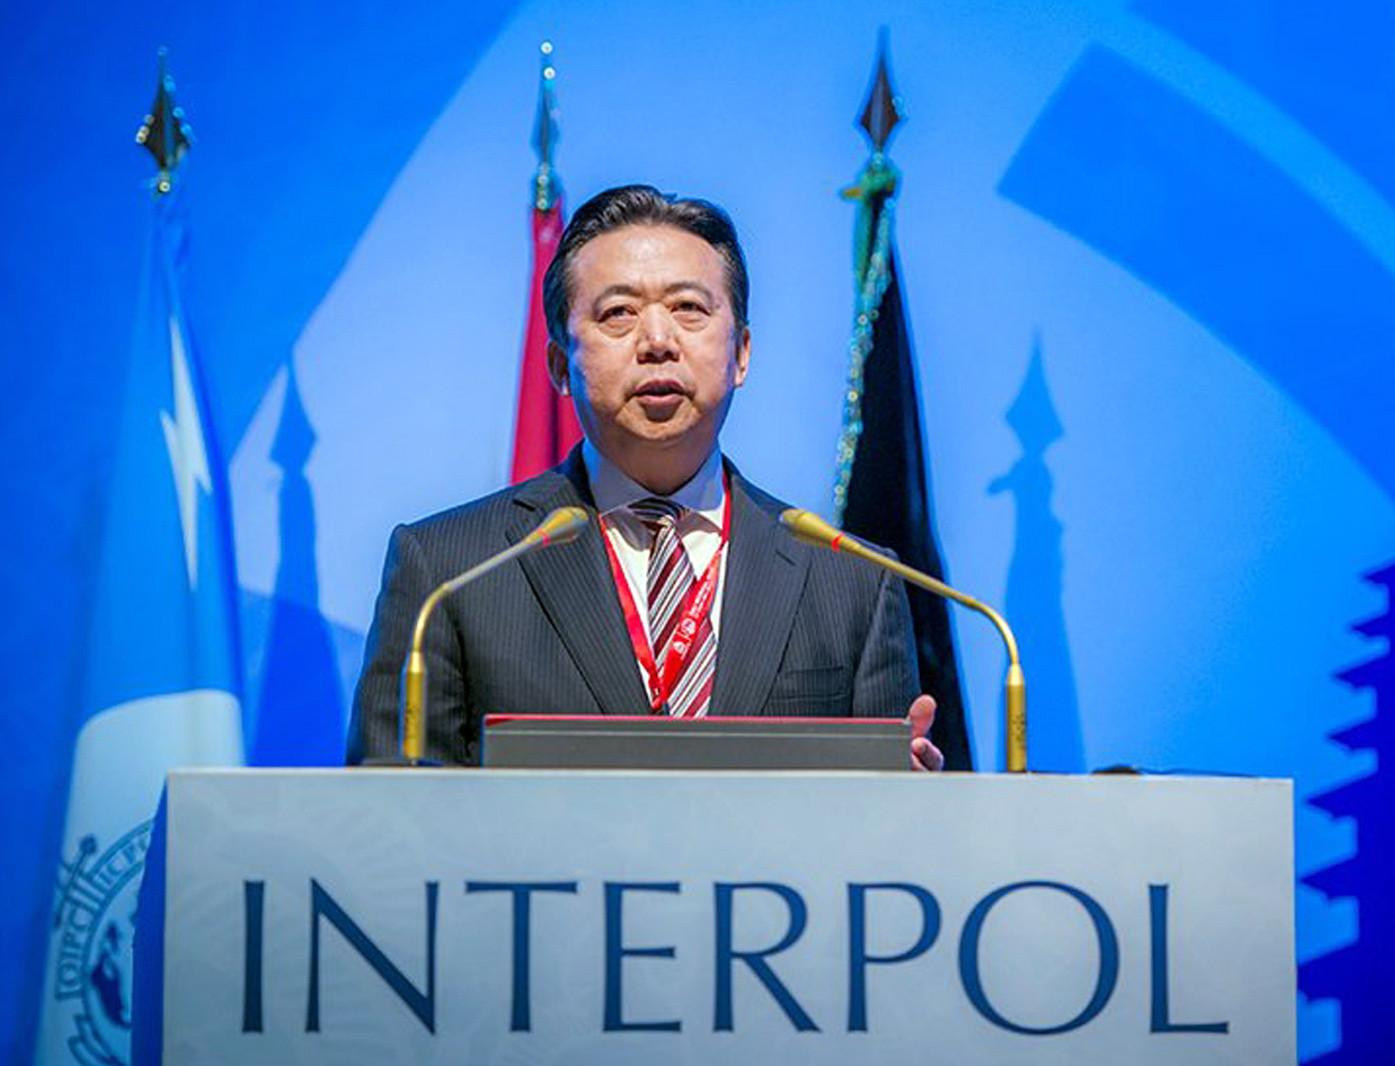 Interpol pediu informações sobre desaparecimento de presidente na China